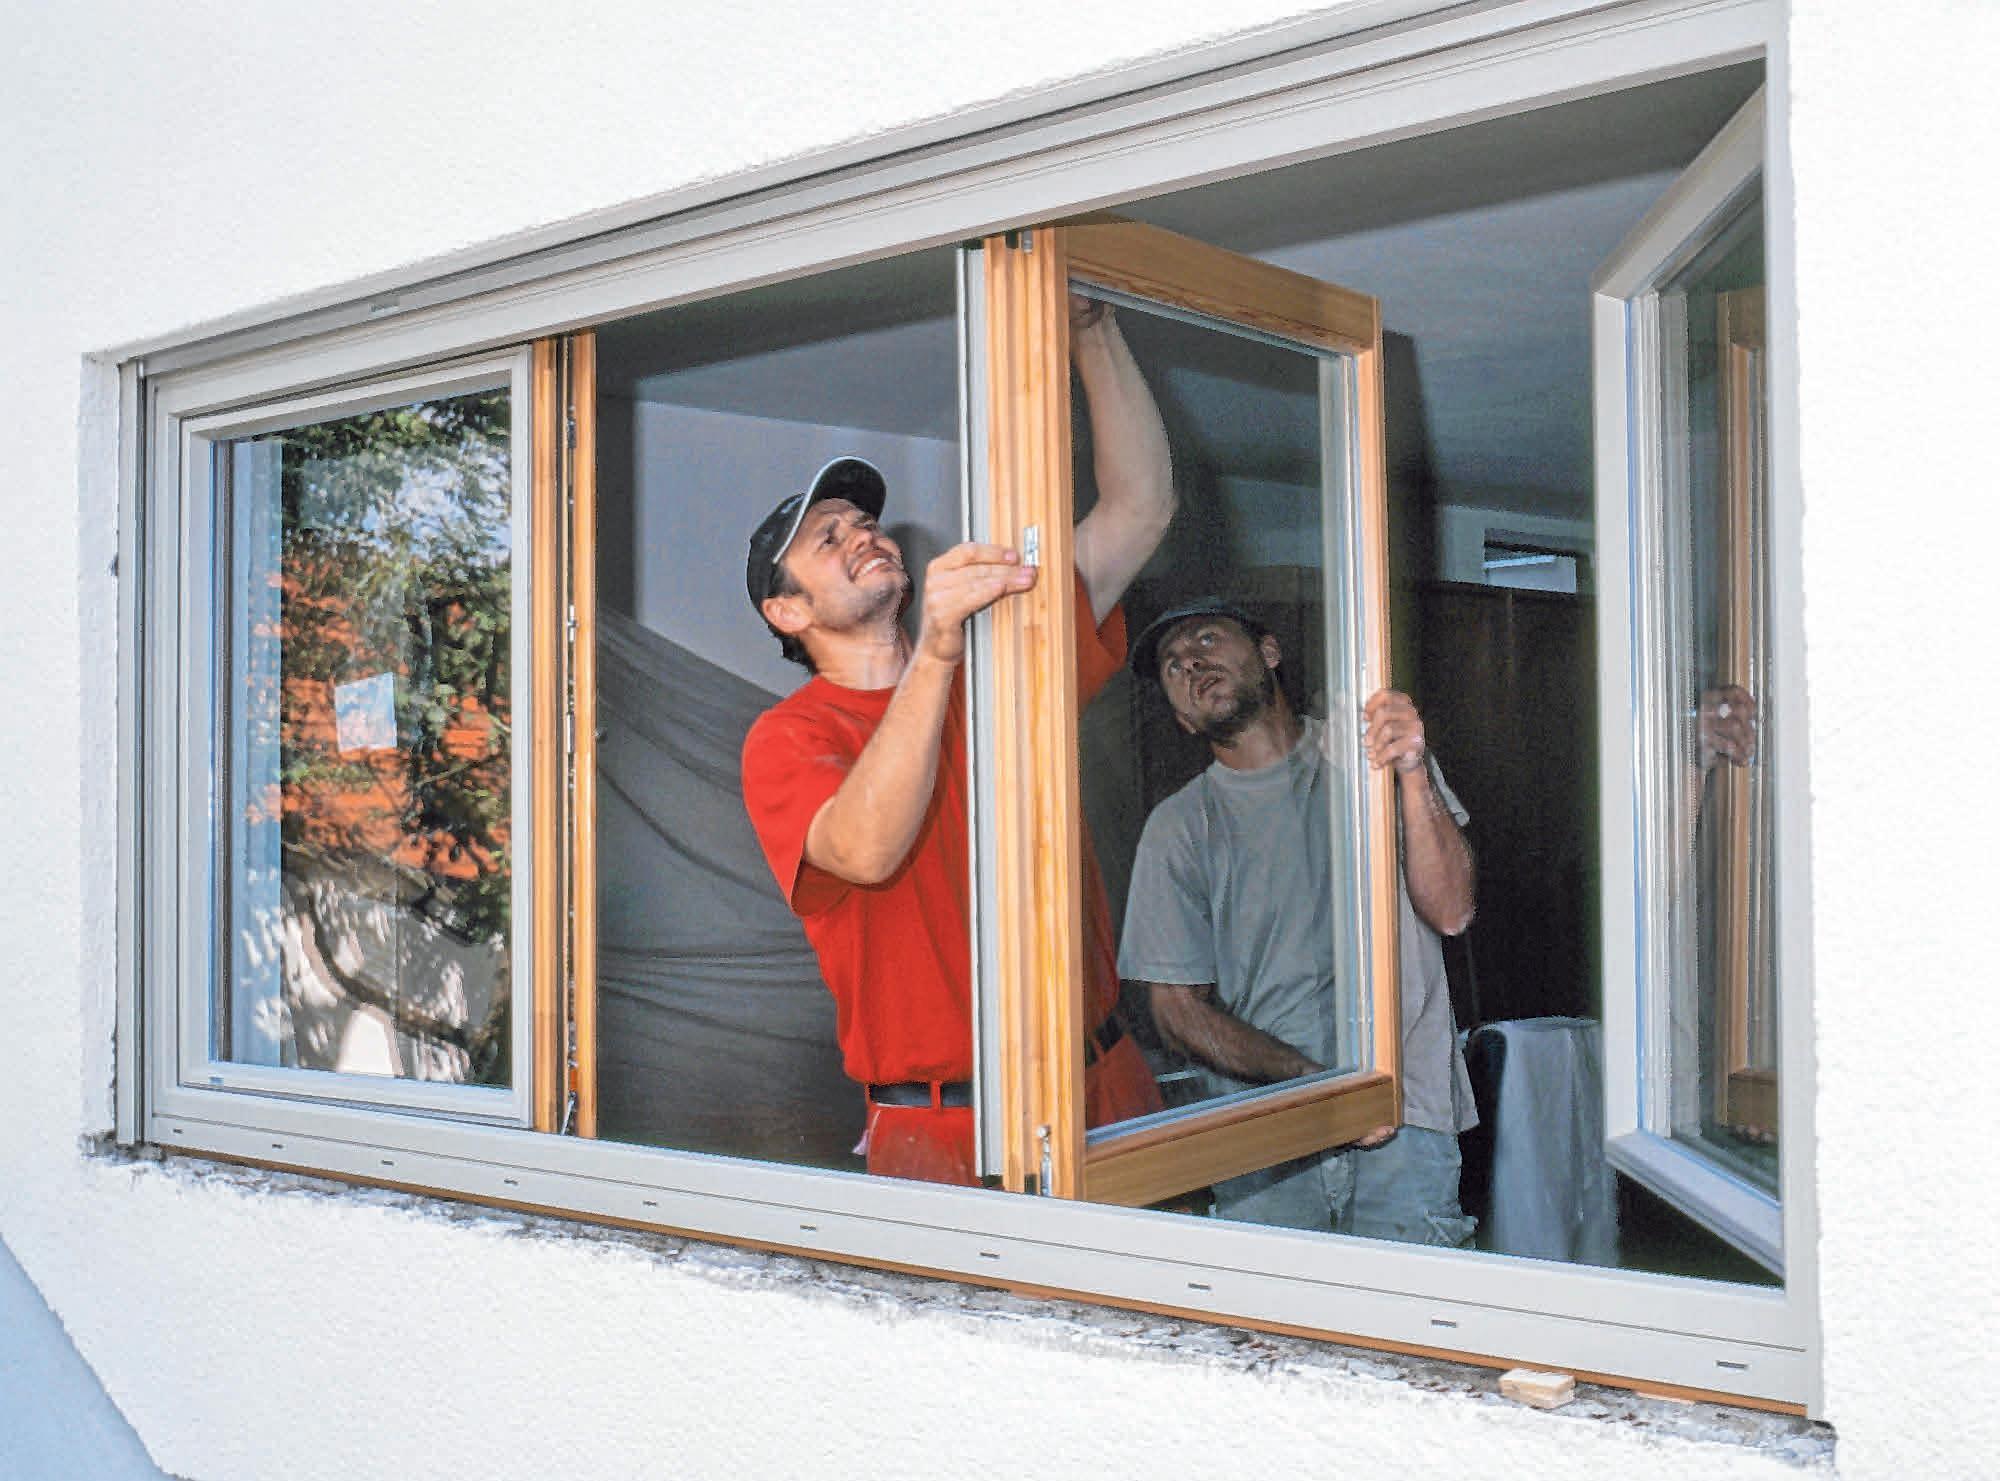 Neue Fenster verändern die Optik des Hauses. FOTO: VFF BAYERWALD